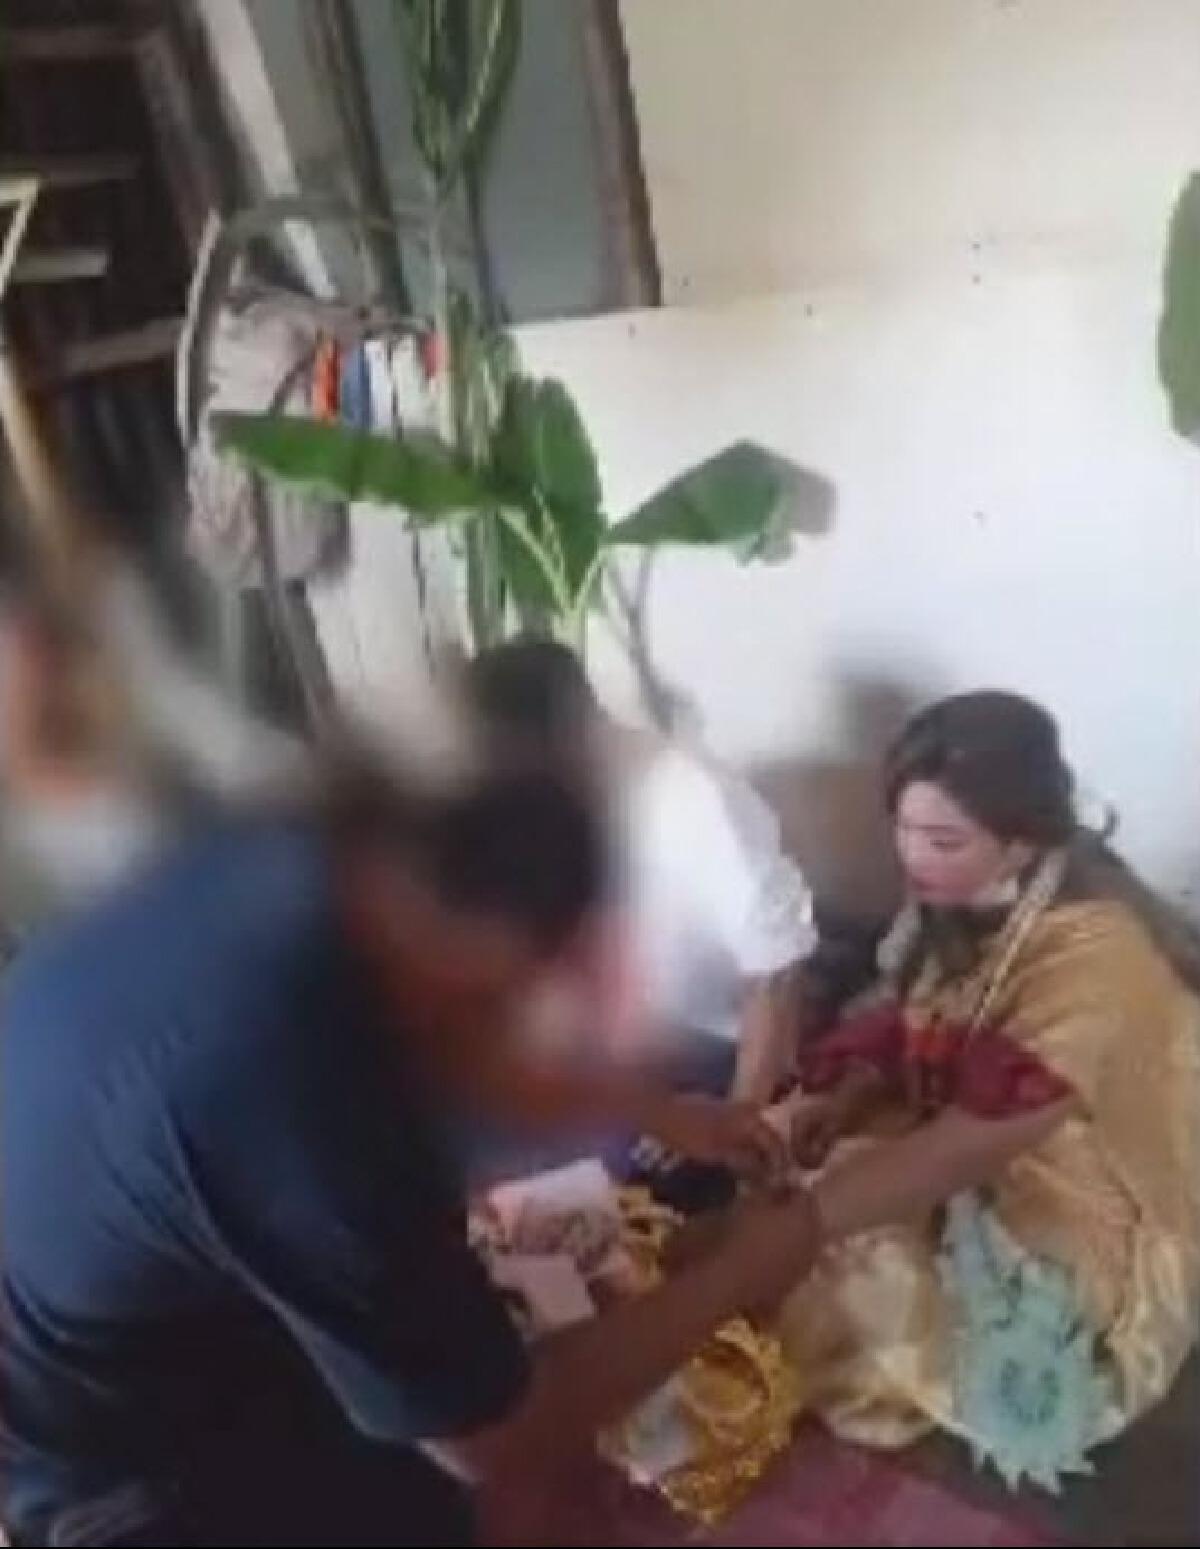 บ่าว - สาวยืมบ้านญาติจัดงานแต่งงานเปิดใจทั้งน้ำตา ตอกกลับน่าจะบอกกันดีๆ